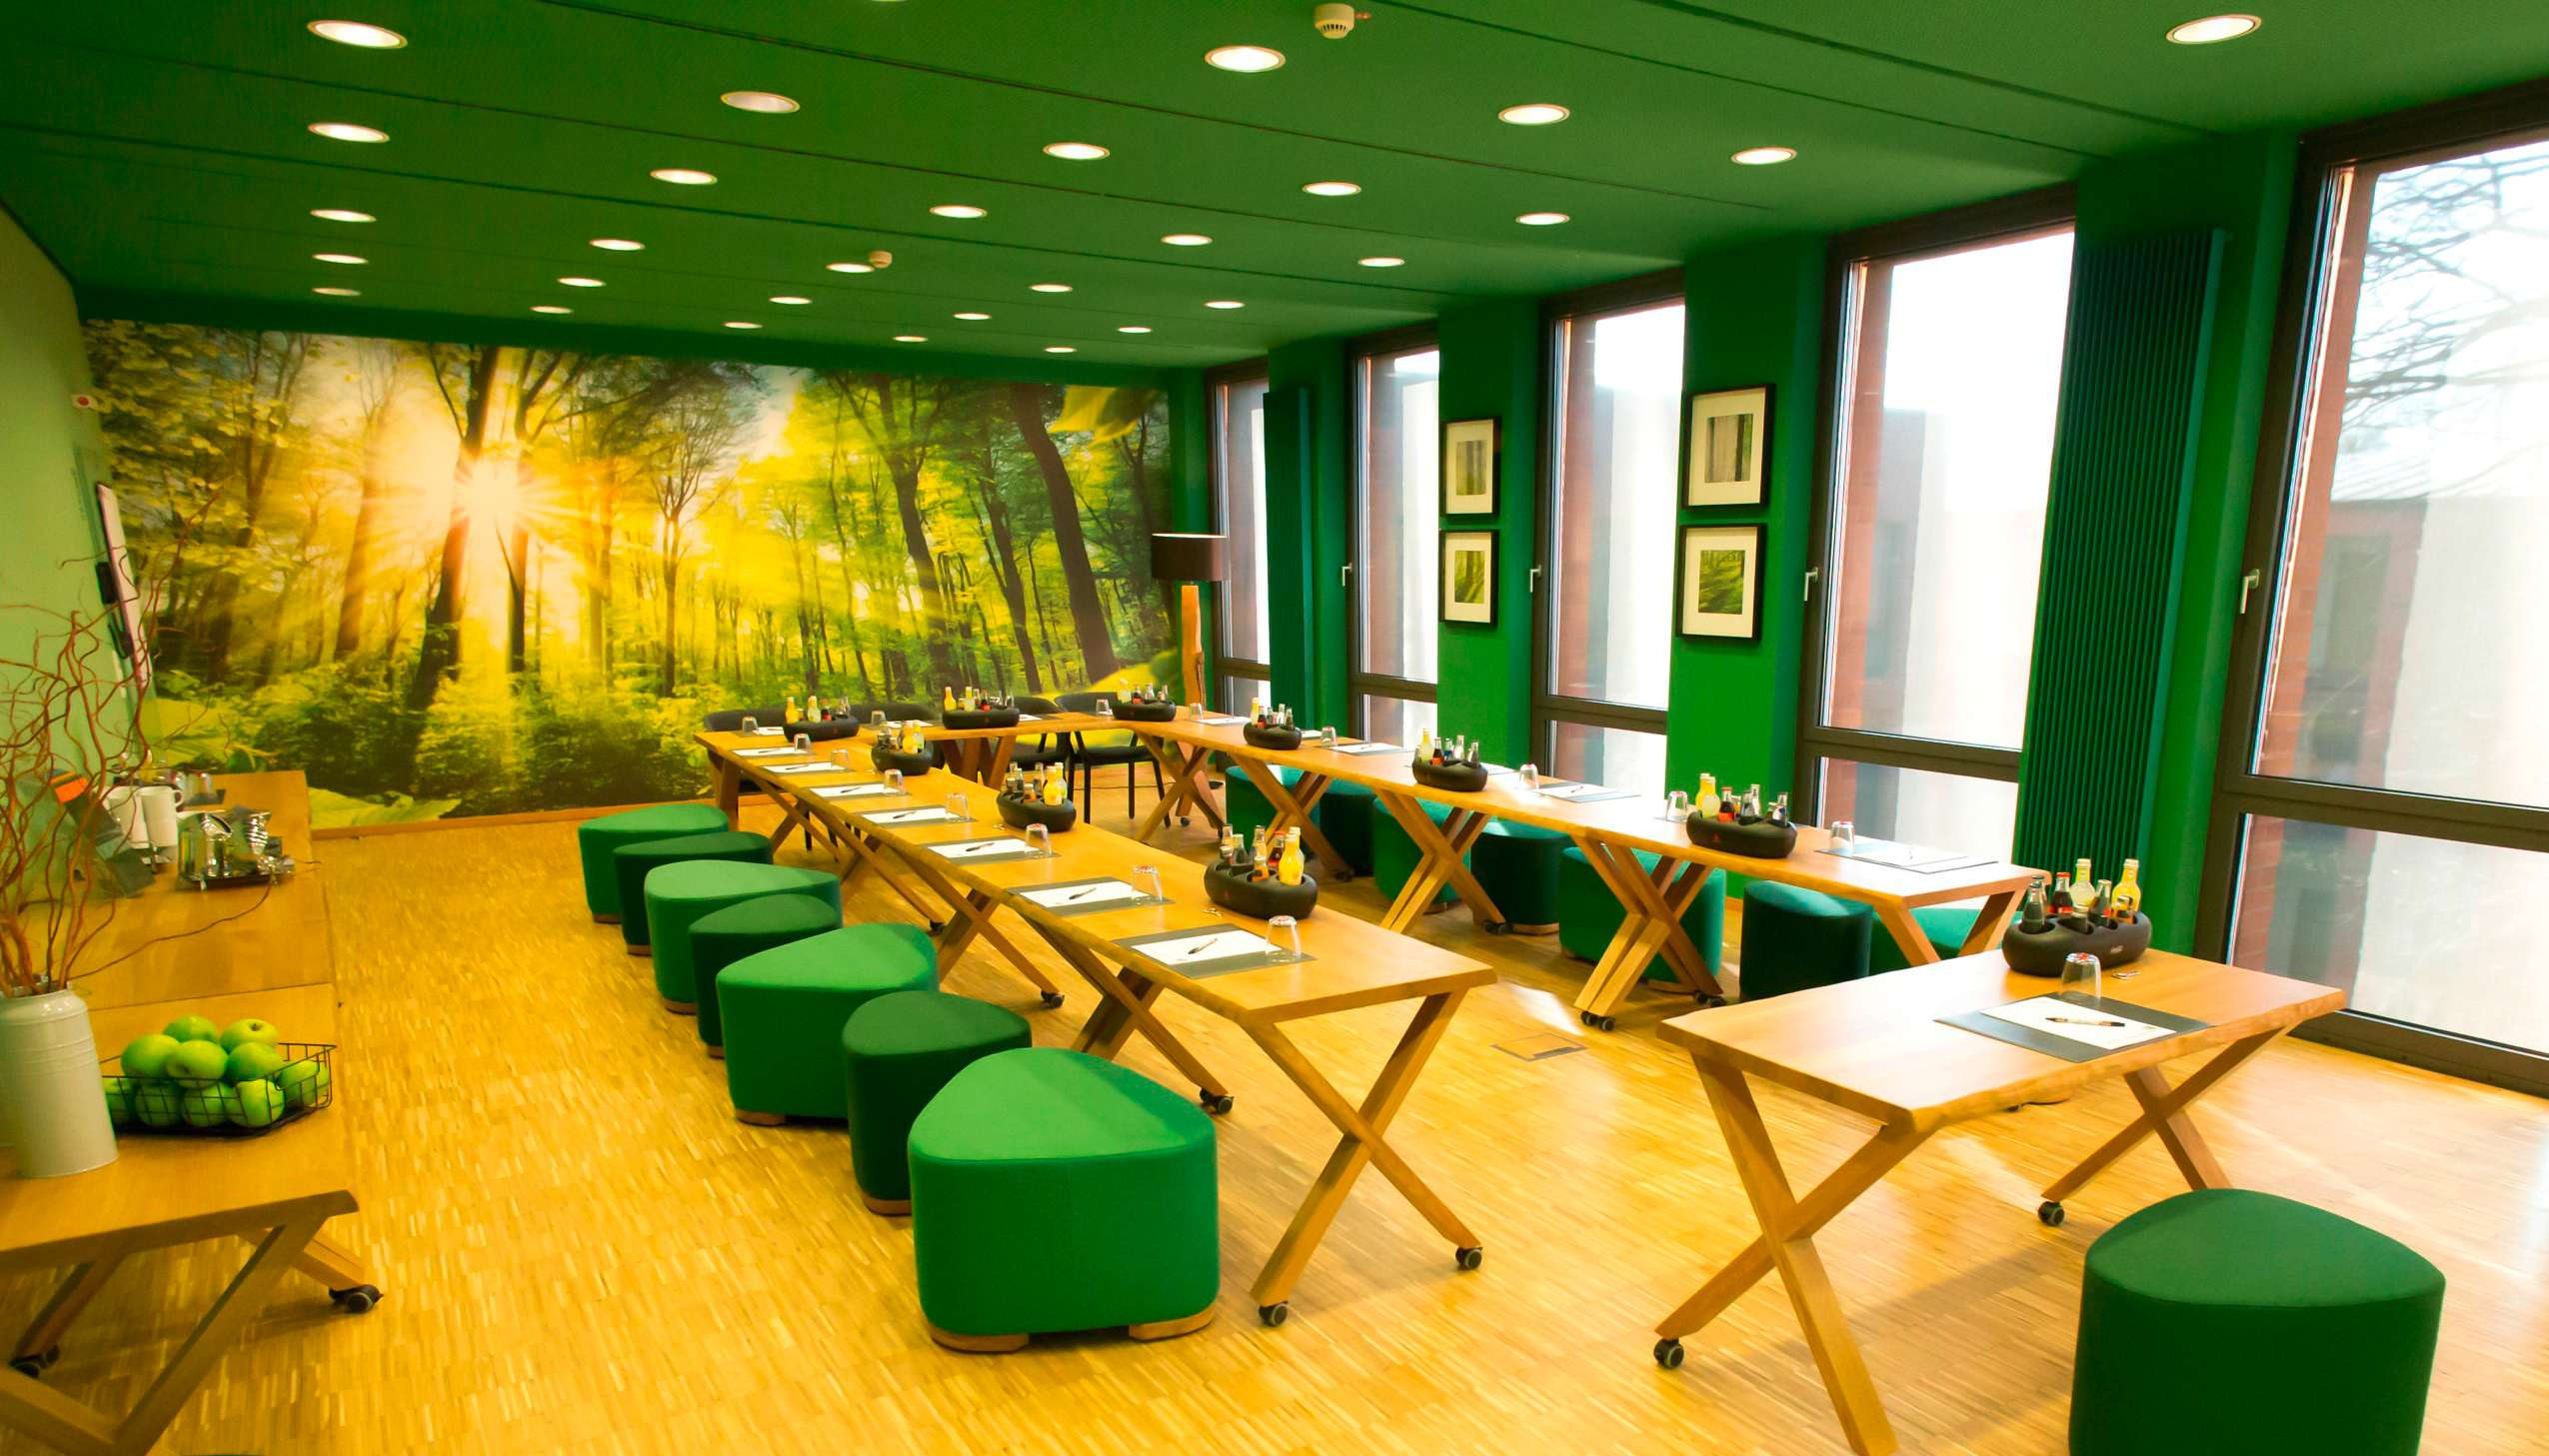 """Tagungsraum """"Wald"""" im Hotel Arcadeon mit grünen Elementen"""